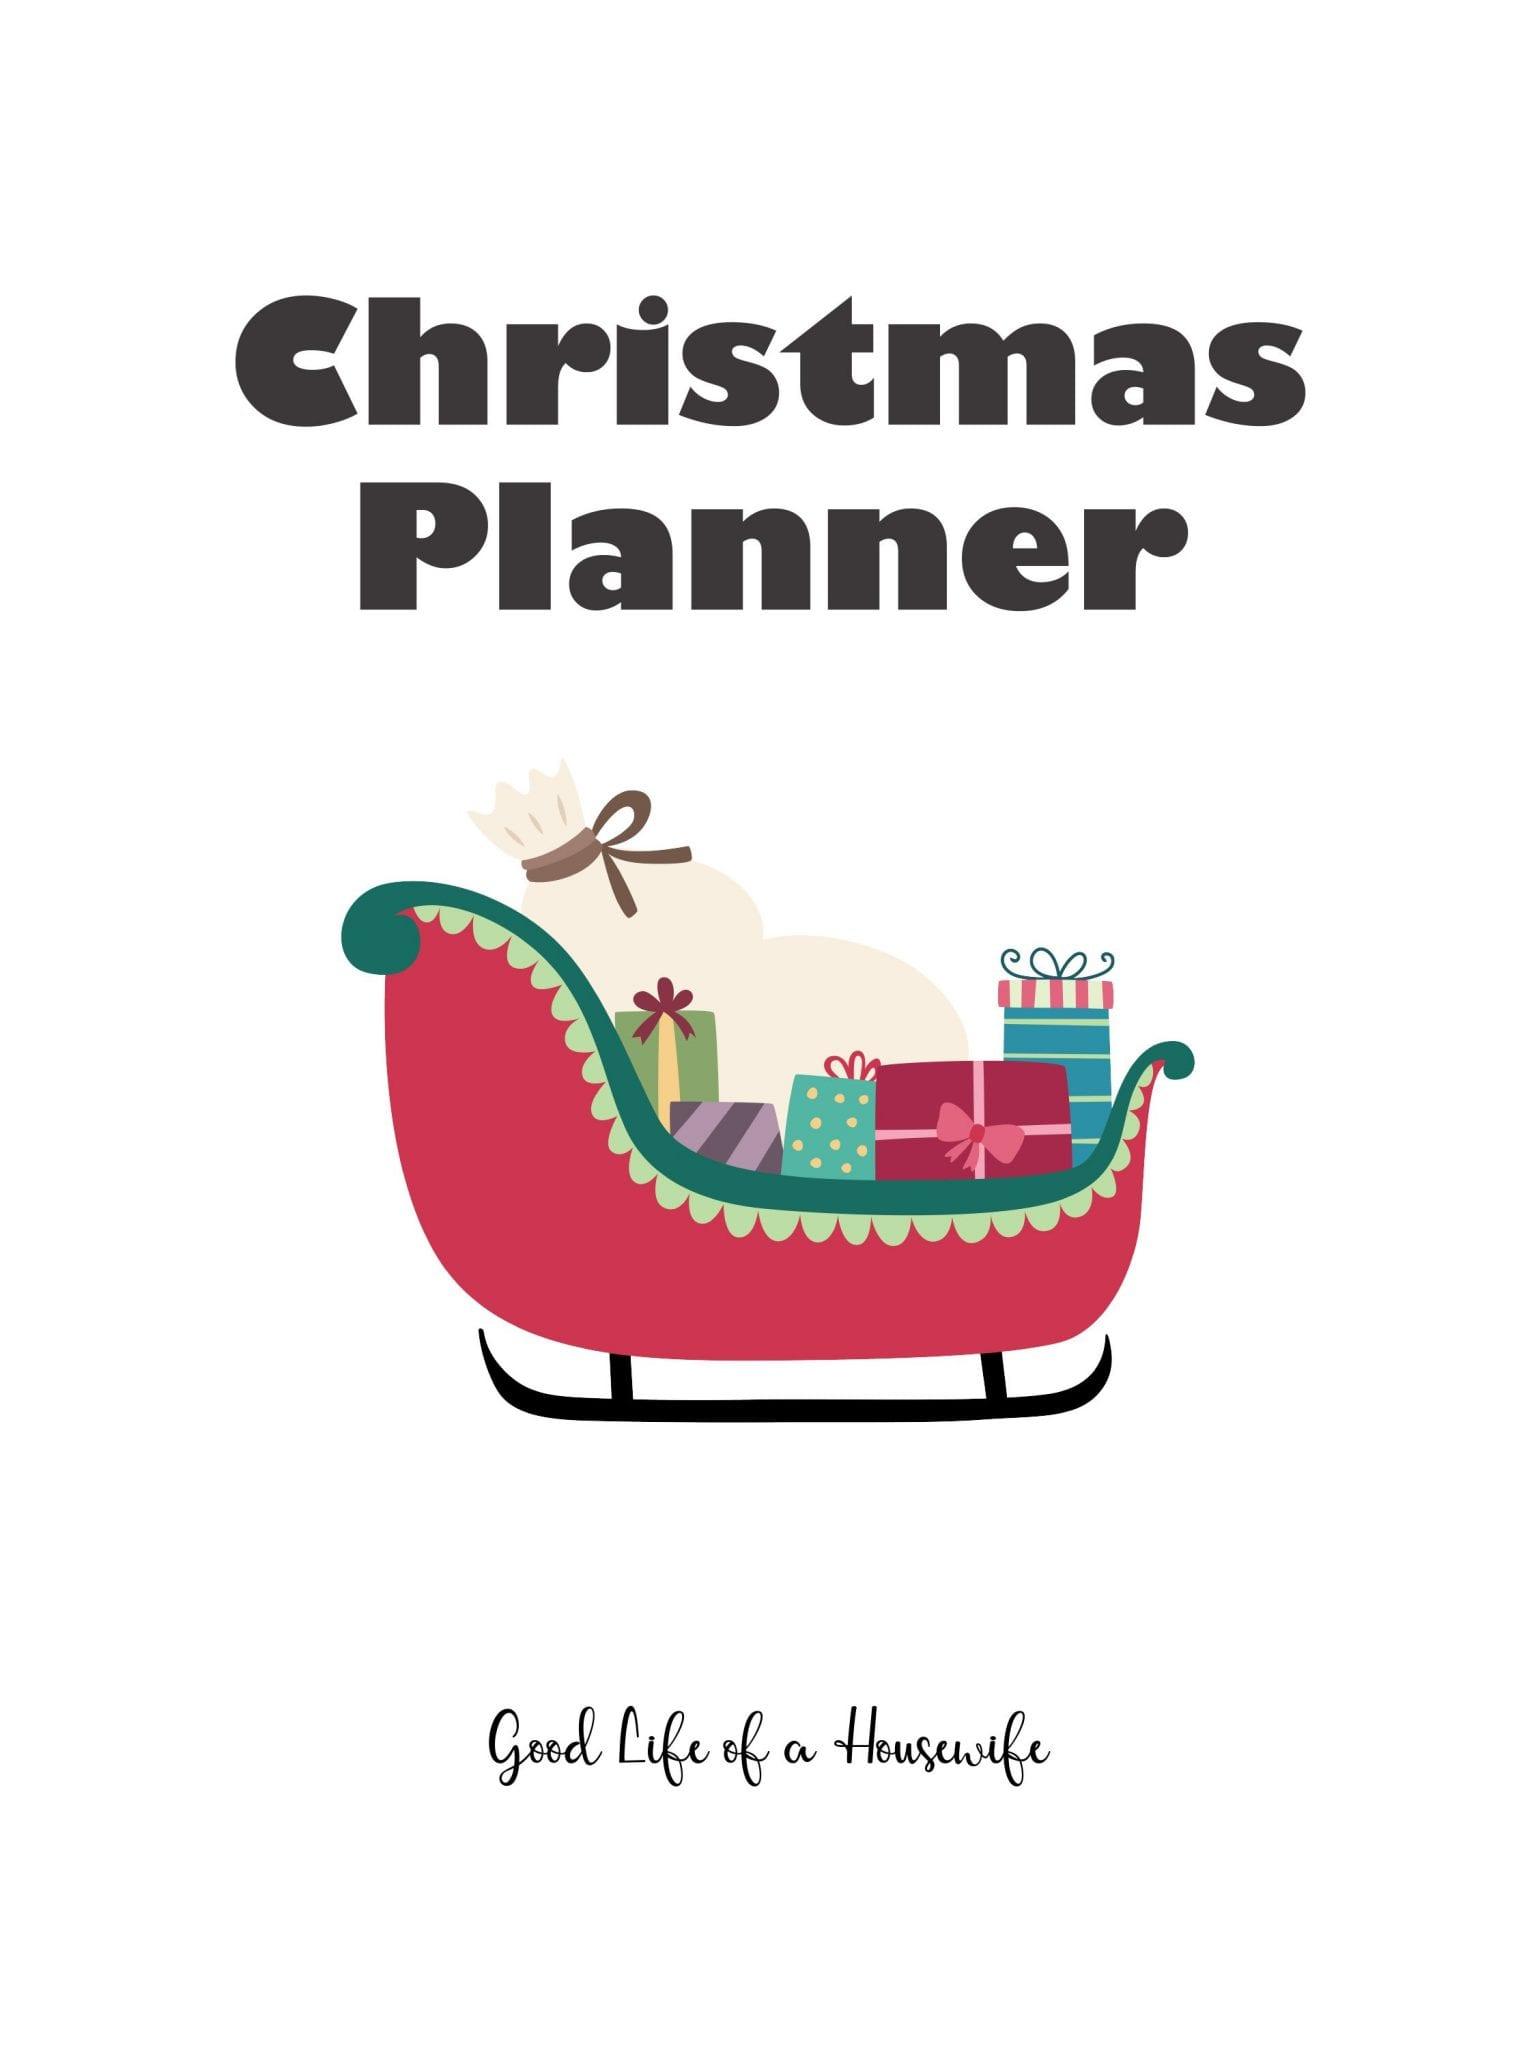 2019 Christmas planner [free printable]